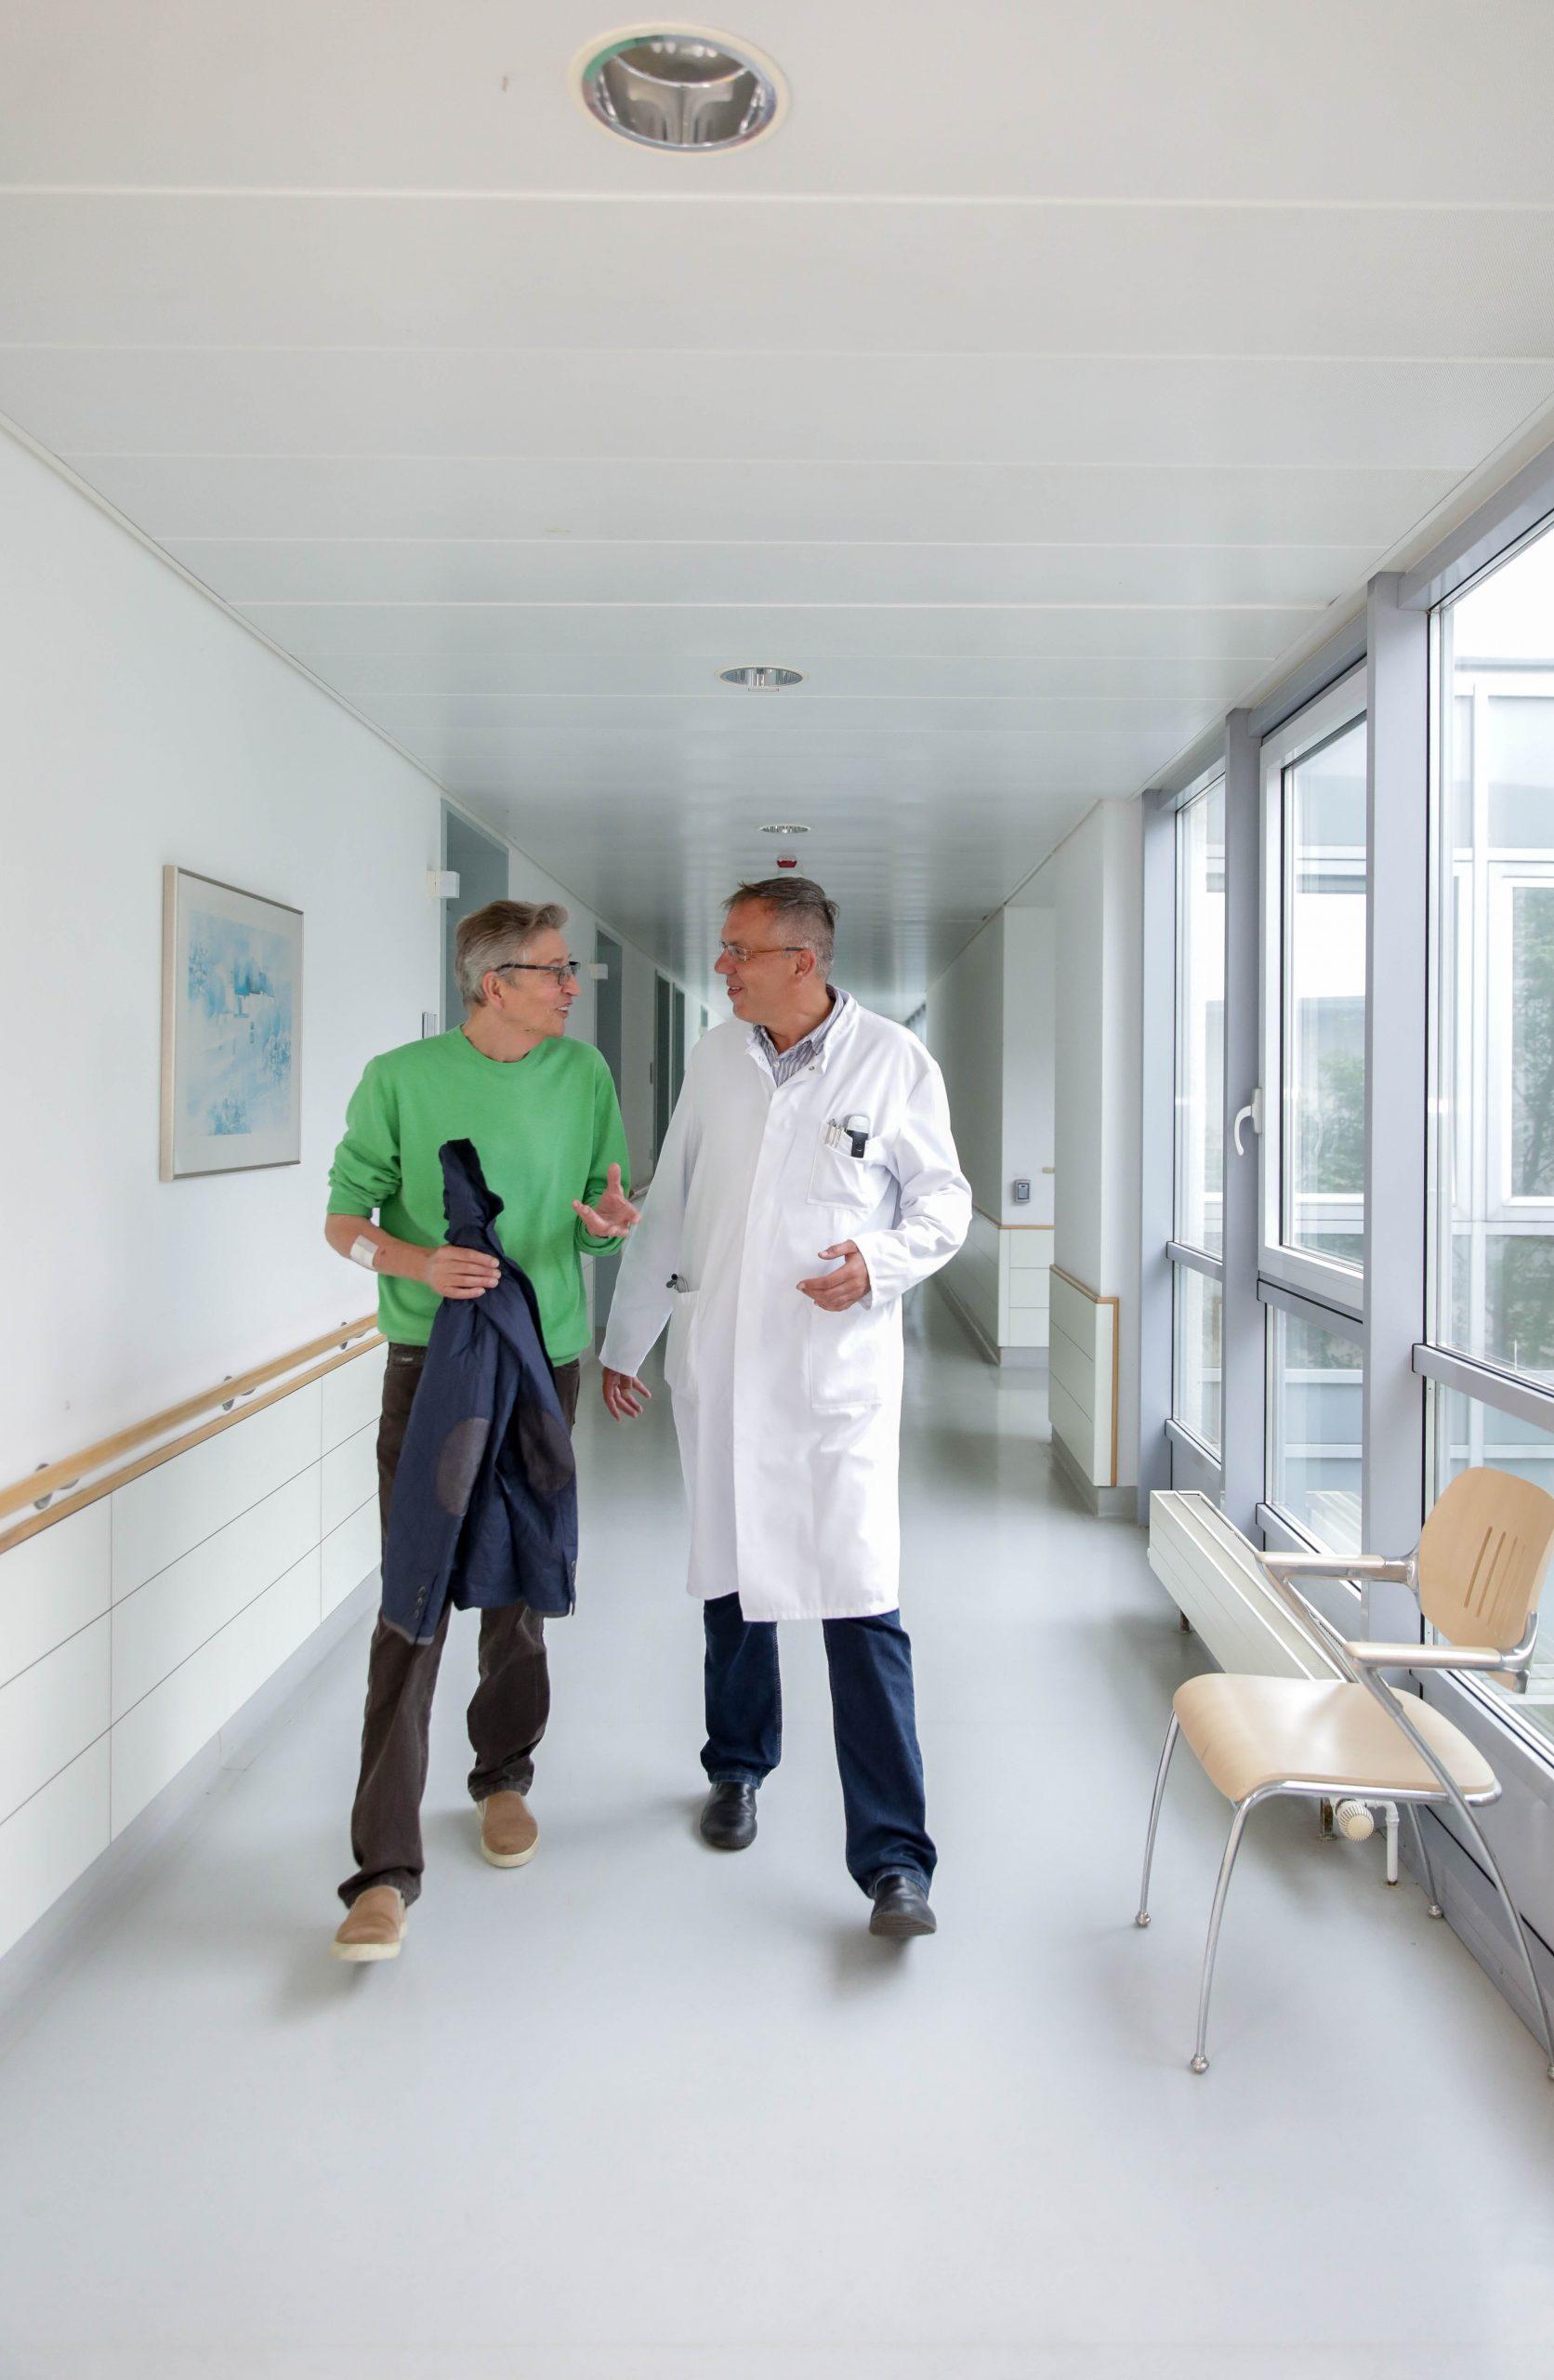 Diskutieren-lebhaft-auf-einem-Gang-ueber-den-Reha-Verlauf:Chefarzt-Doktor-Ron-Lenz-und-Thomas-Pfundtner-Der-Arzt-mit weißem-Kittel-Thomas-Pfundtner-in-brauner-Jeans-und-gruenme-Pullover